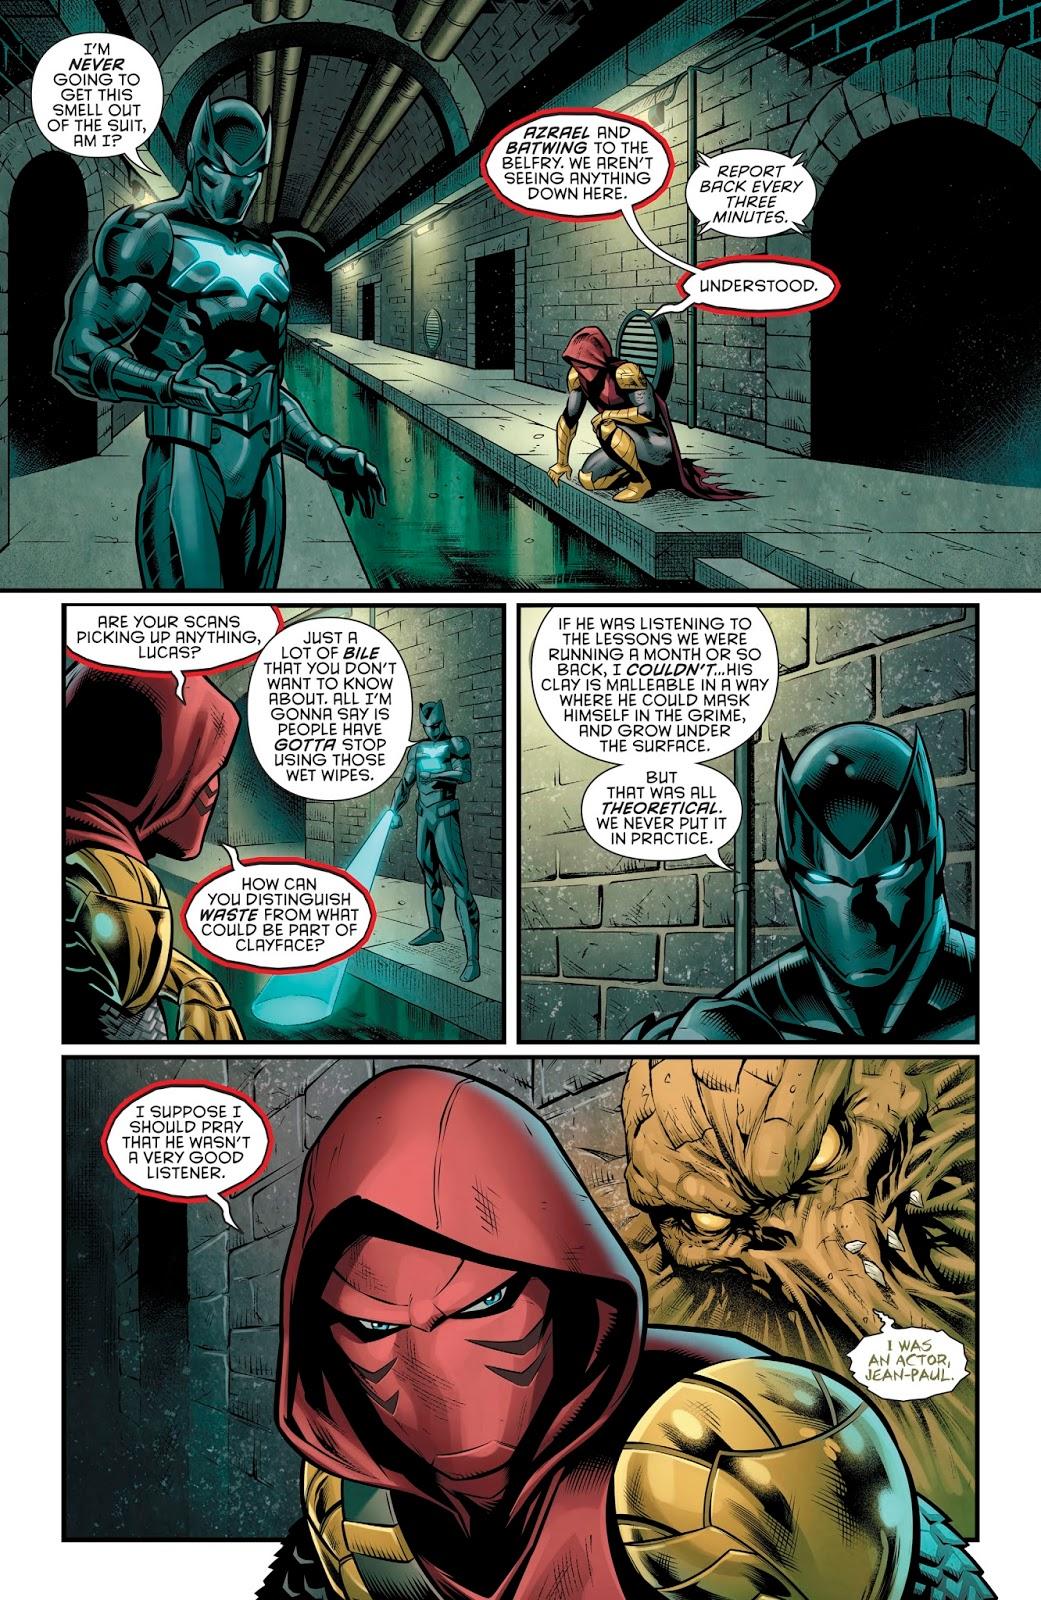 Azrael And Batwing (Detective Comics #972)